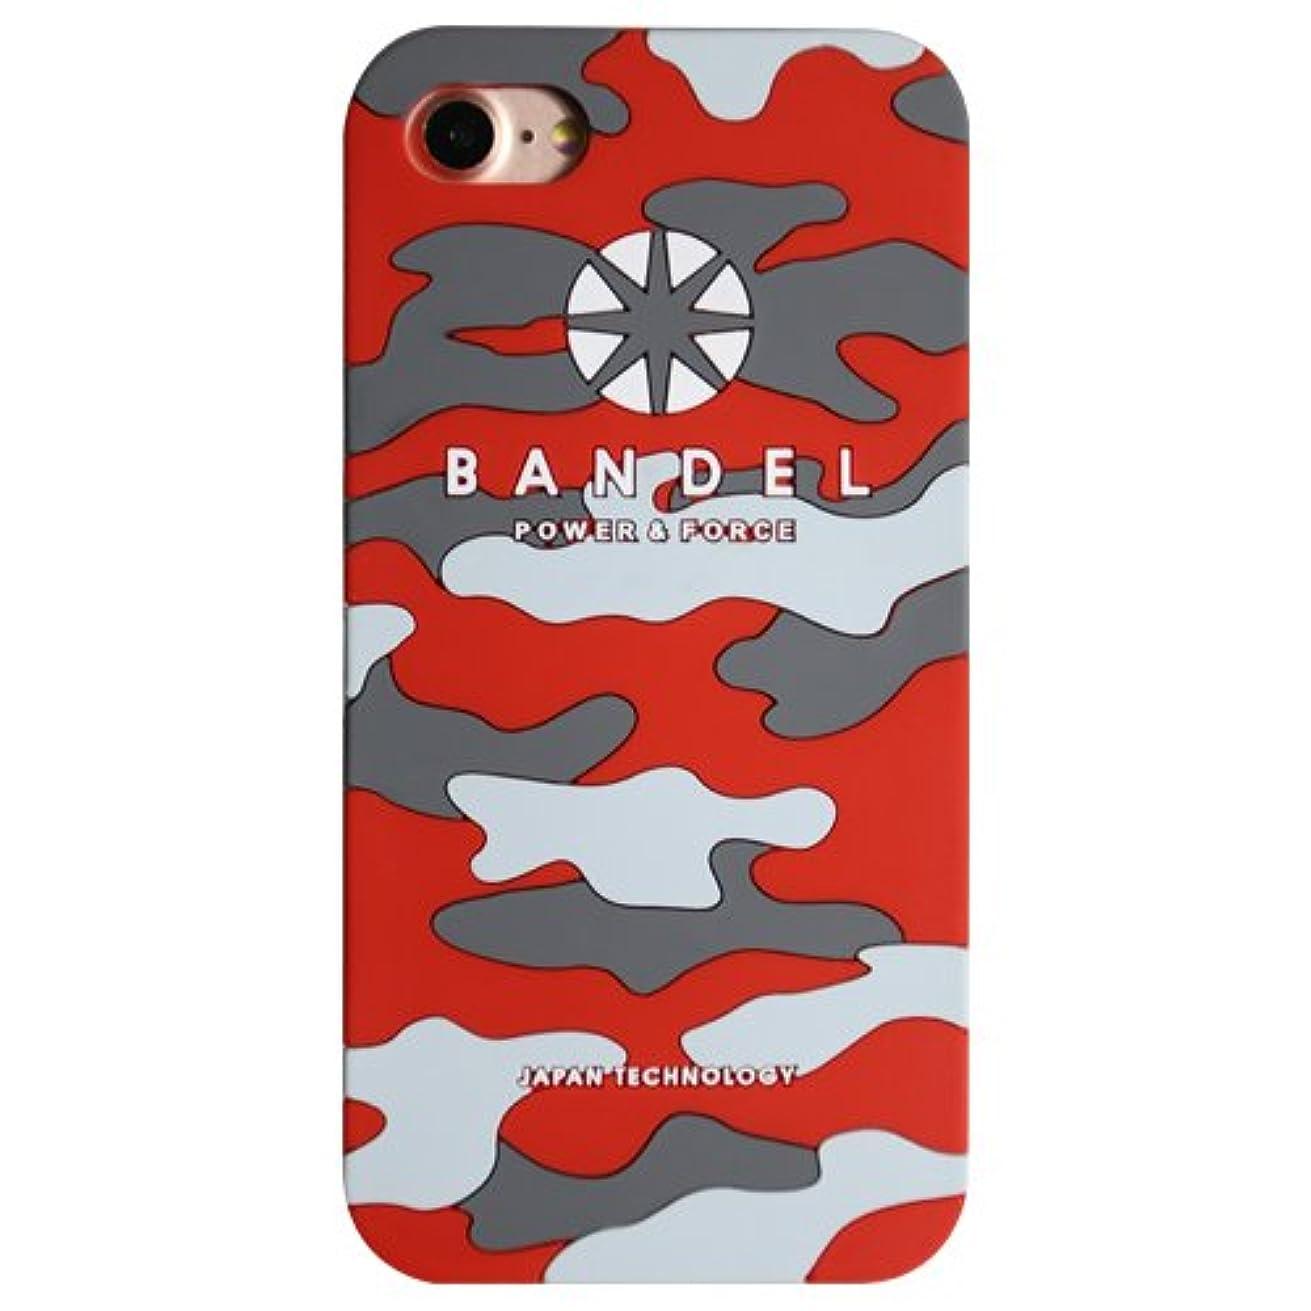 山岳ごめんなさい試すバンデル(BANDEL) ロゴ iPhone 8 Plus専用 シリコンケース [レッド×カモフラージュ]